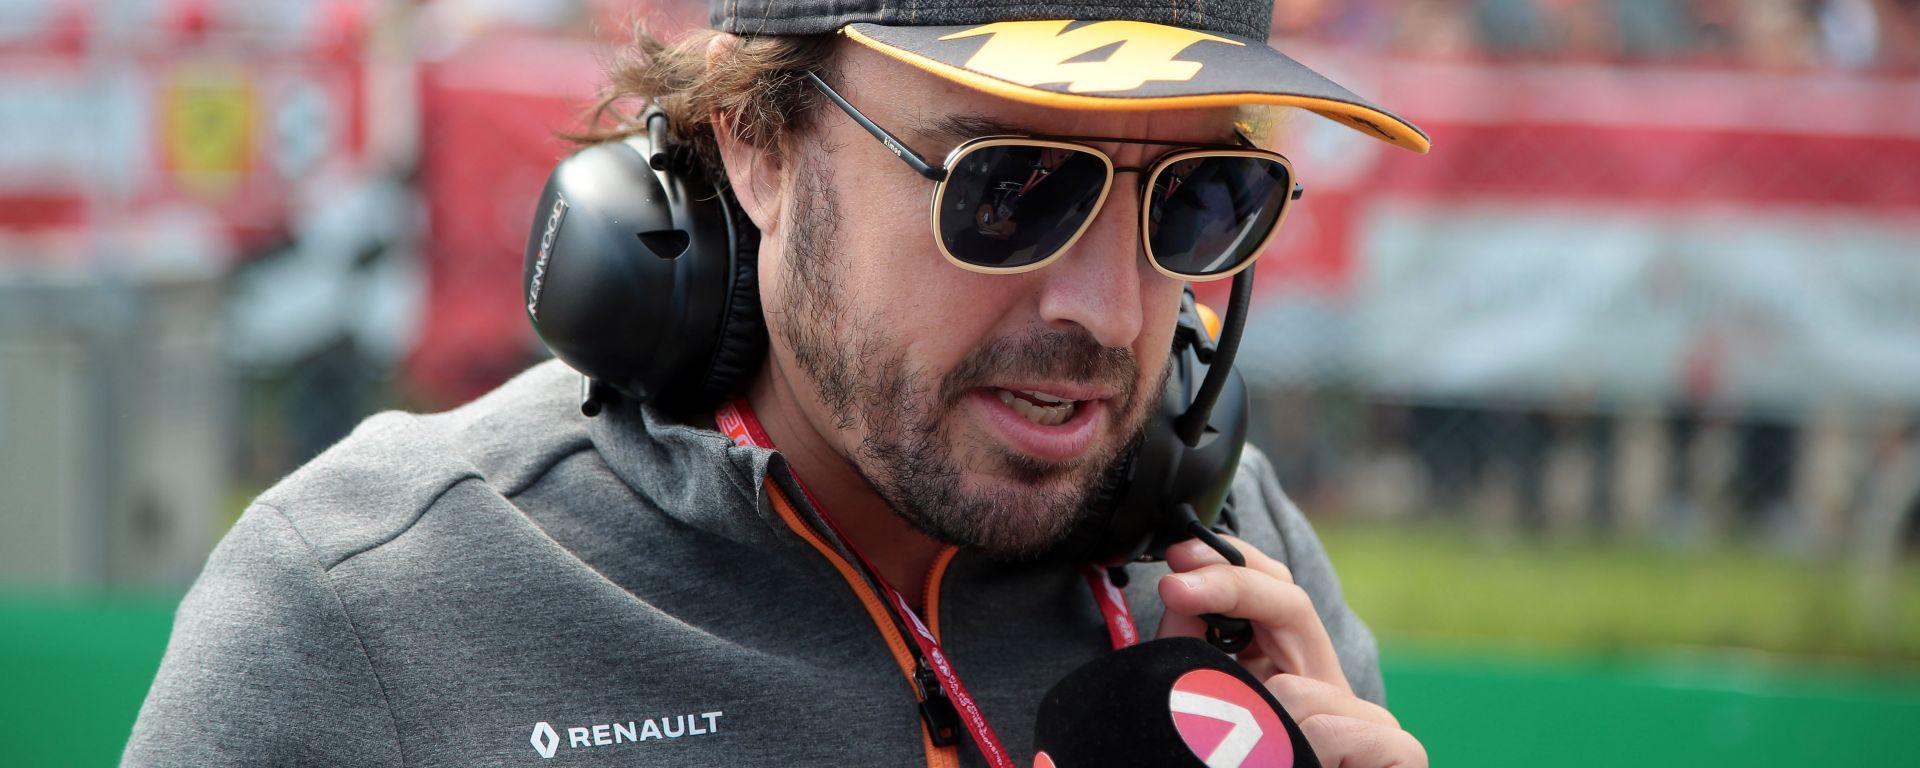 GP Italia 2019, Monza: Fernando Alonso (McLaren)